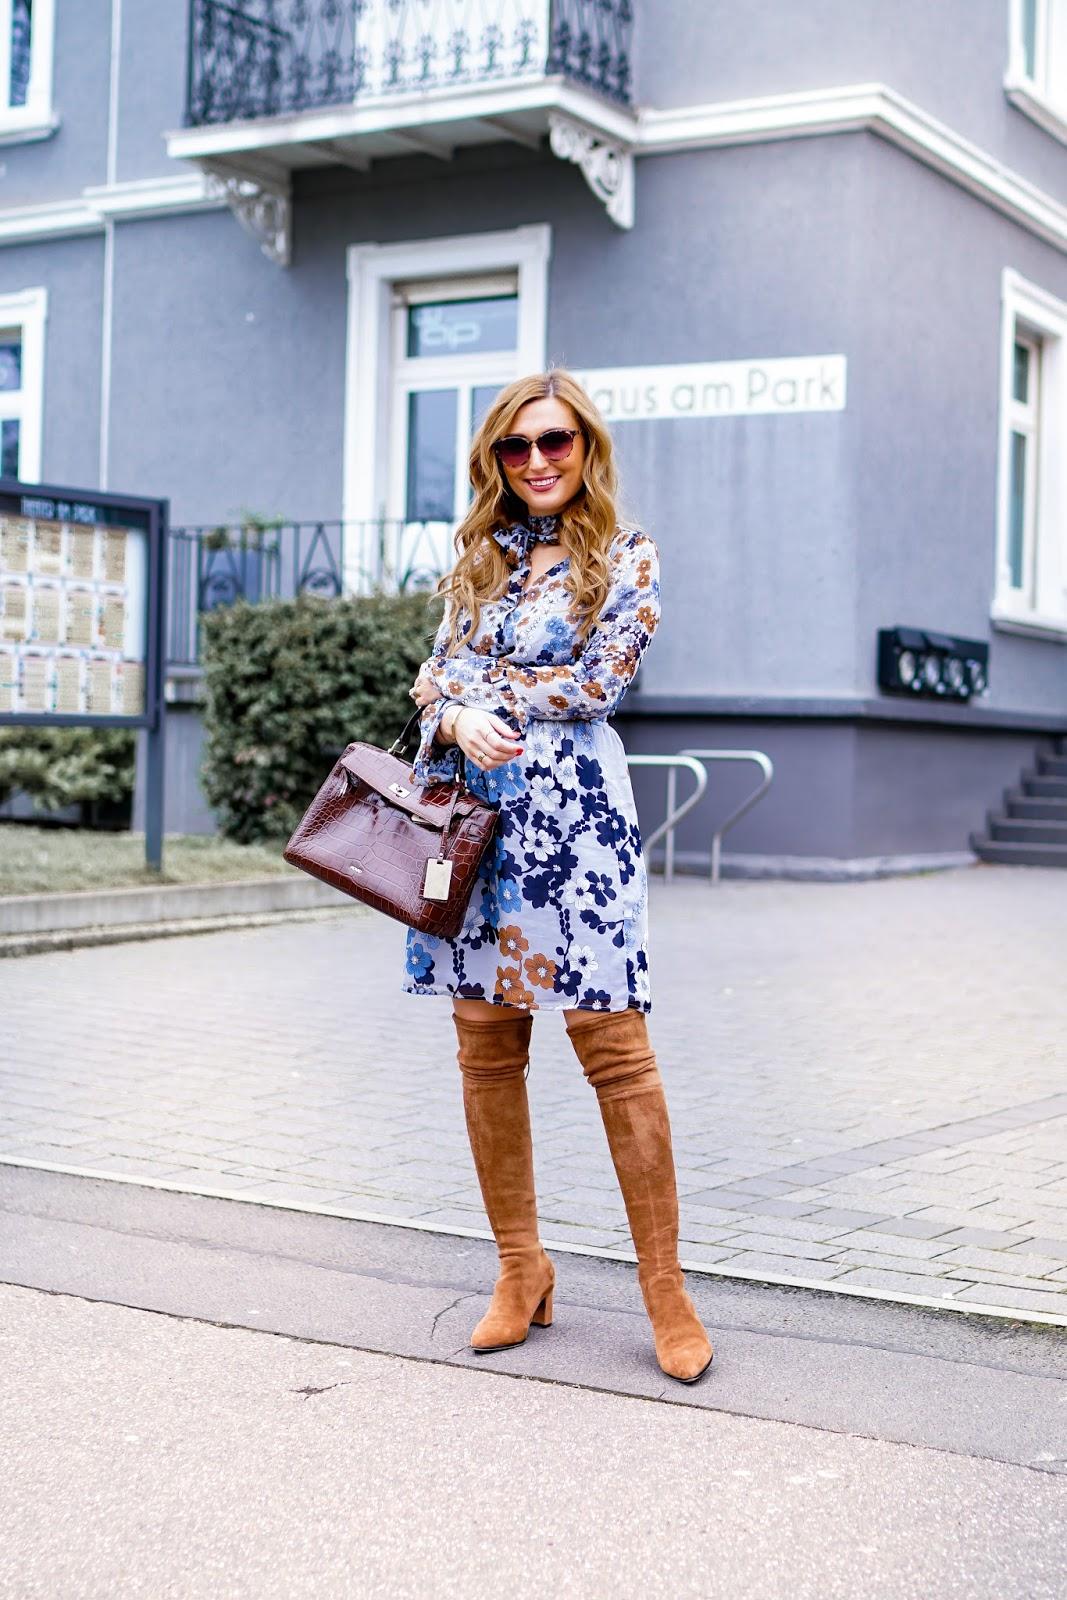 Deutsche-Fashionblogger-blumenprint-kleid-must-have-für-den-frühling-moreandmore-kleid-im-60er-style-picard-tasche-fashionstylebyjohanna-blumenprint-blumenprintkleid